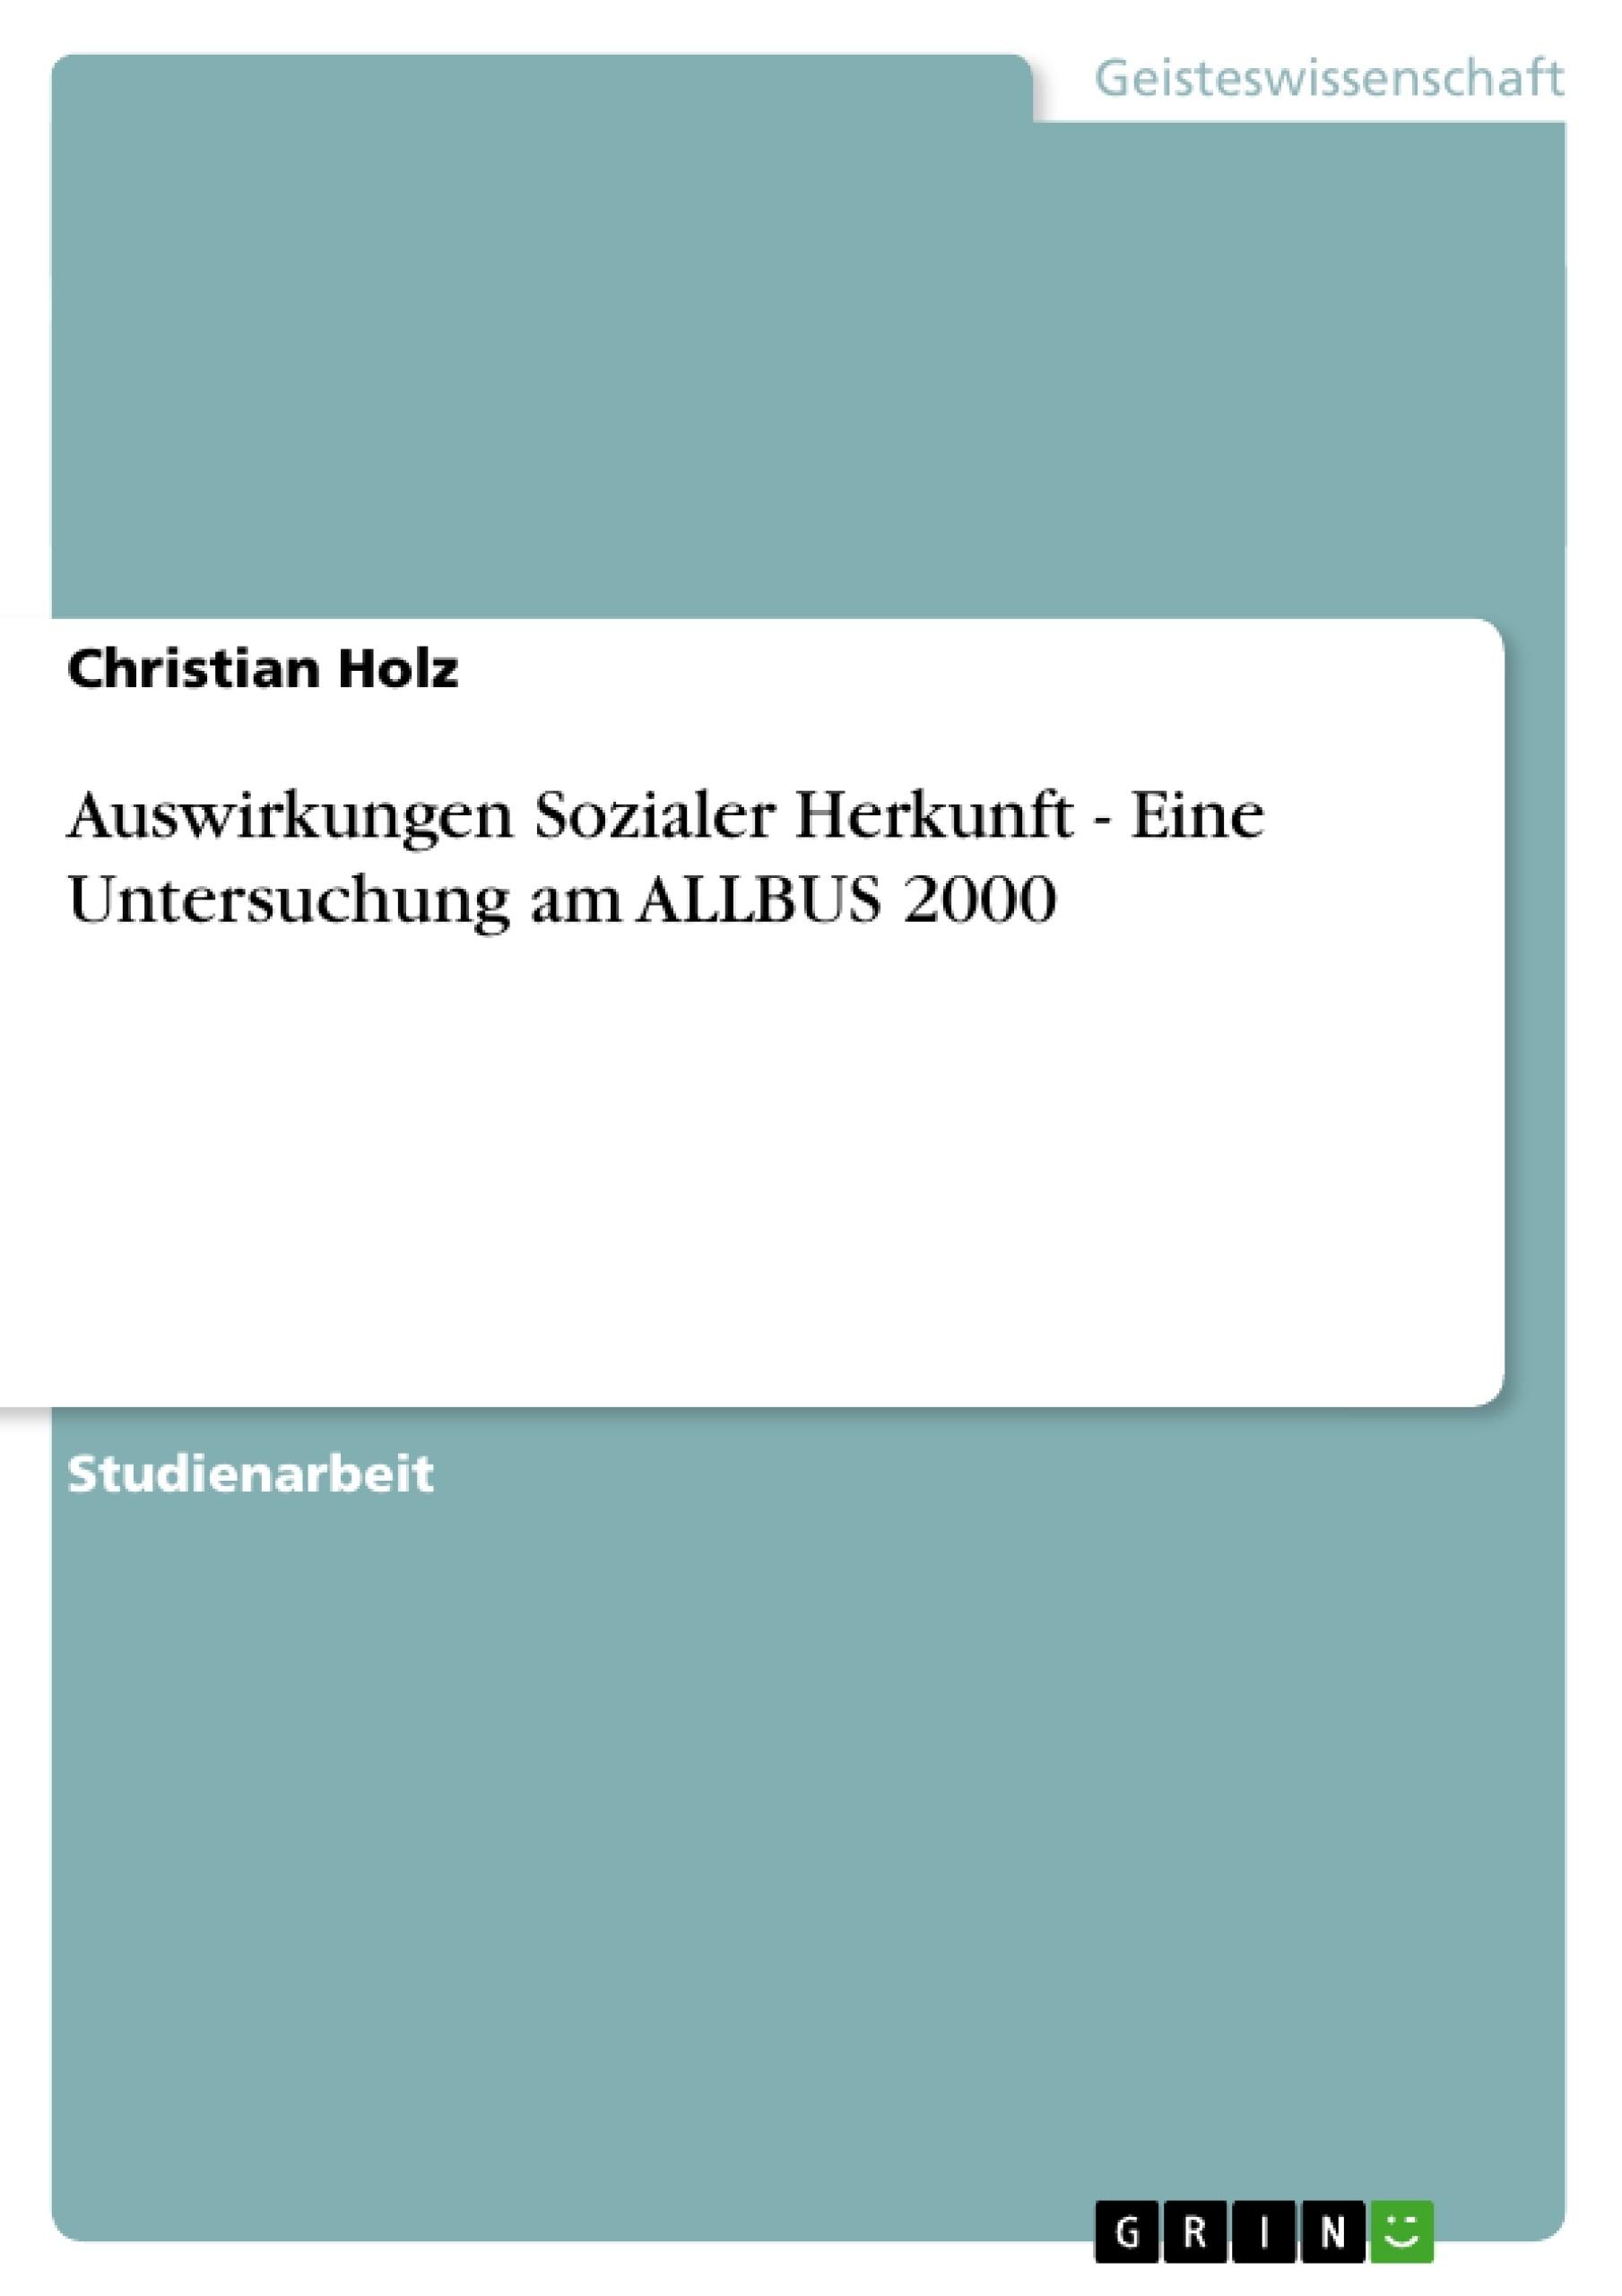 Titel: Auswirkungen Sozialer Herkunft - Eine Untersuchung am ALLBUS 2000